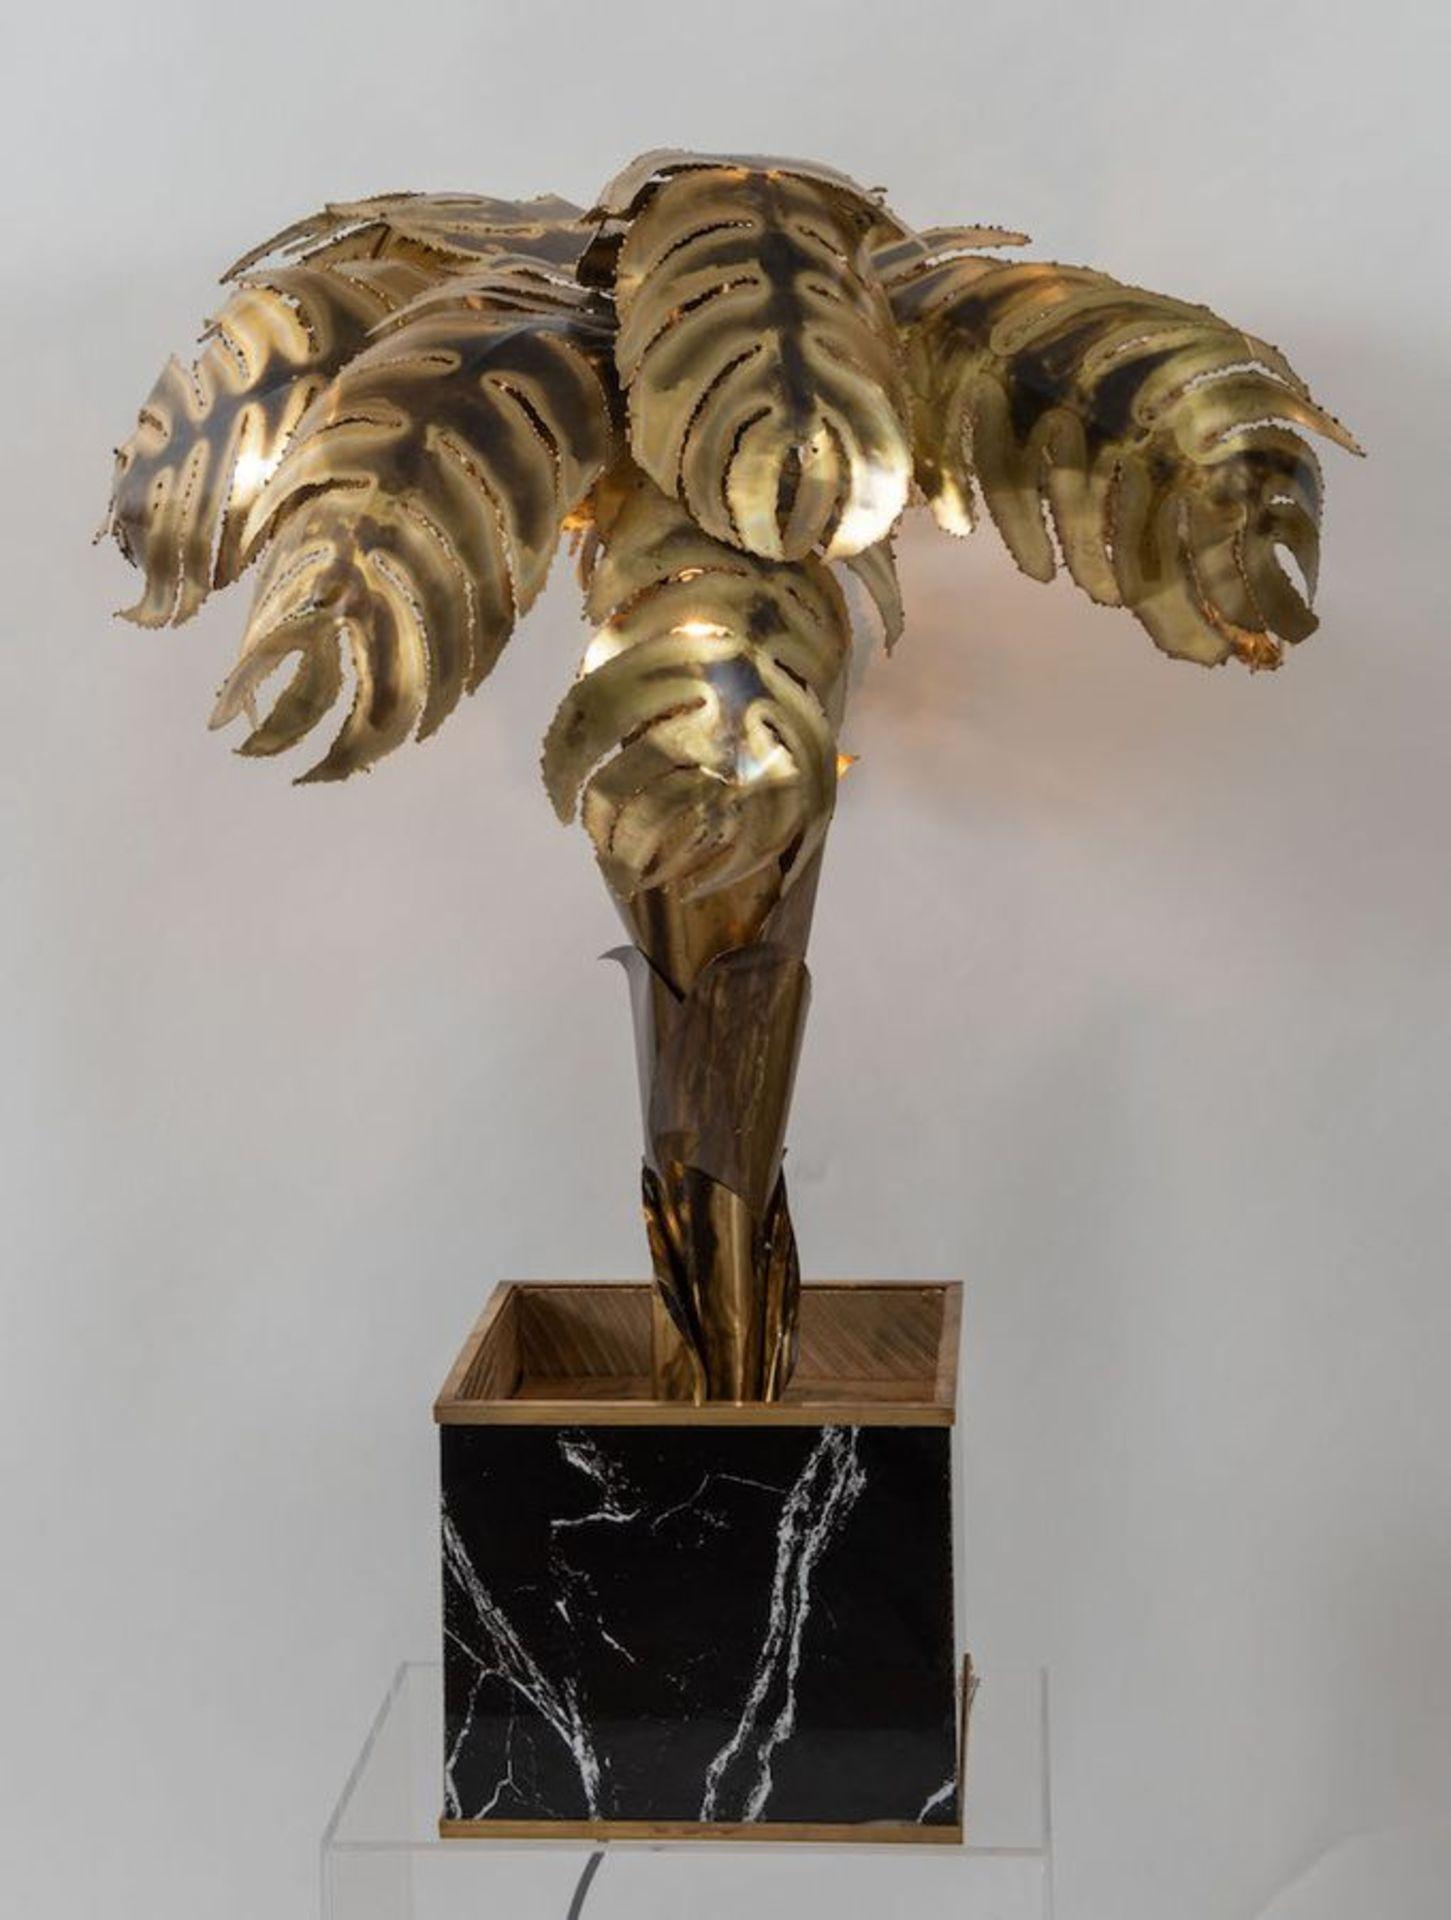 MAISON JANSEN, attr. Lampada da terra in ottone lavorato a mano con una base cubica in legno. Prod.  - Bild 3 aus 4